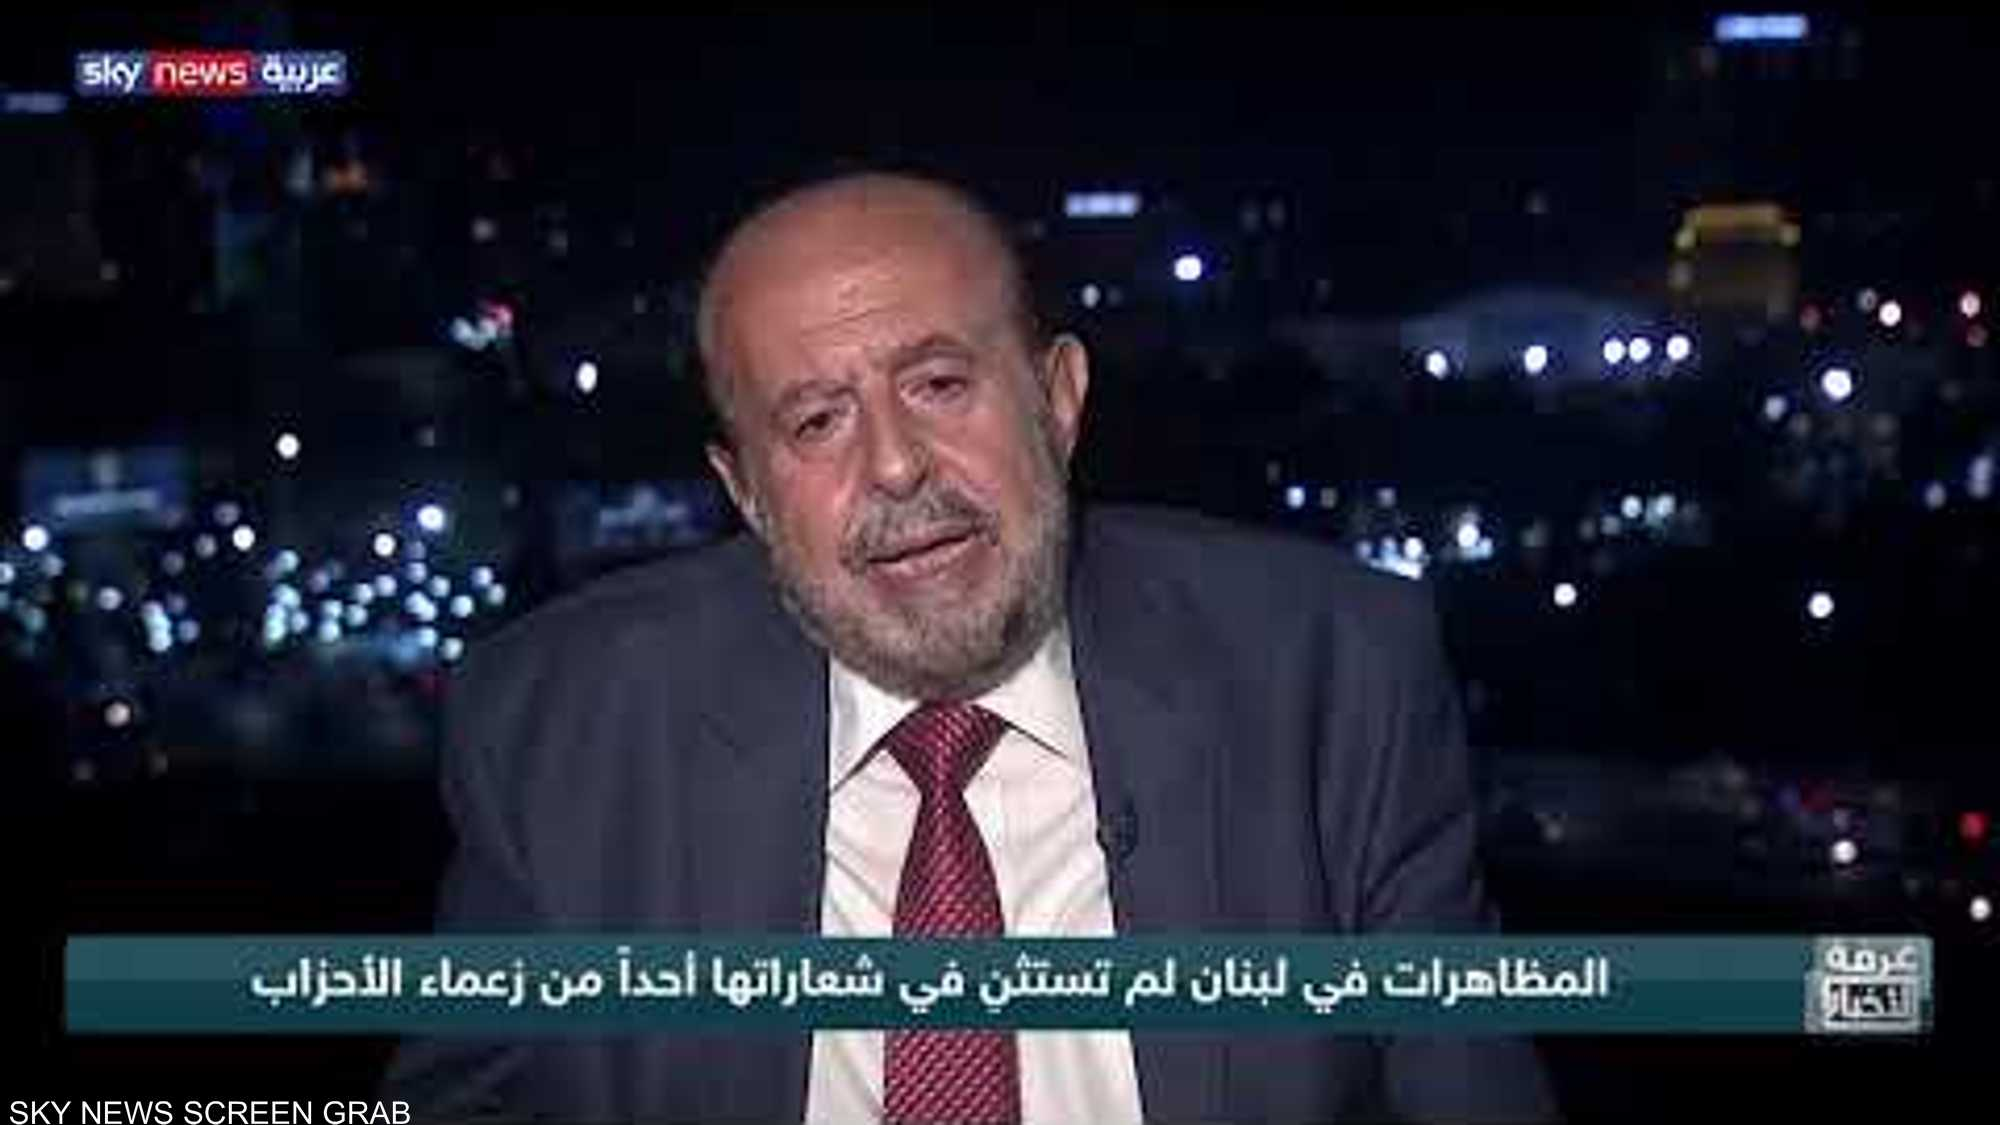 ورقة الإصلاح اللبنانية ومطالب الحراك الشعبي